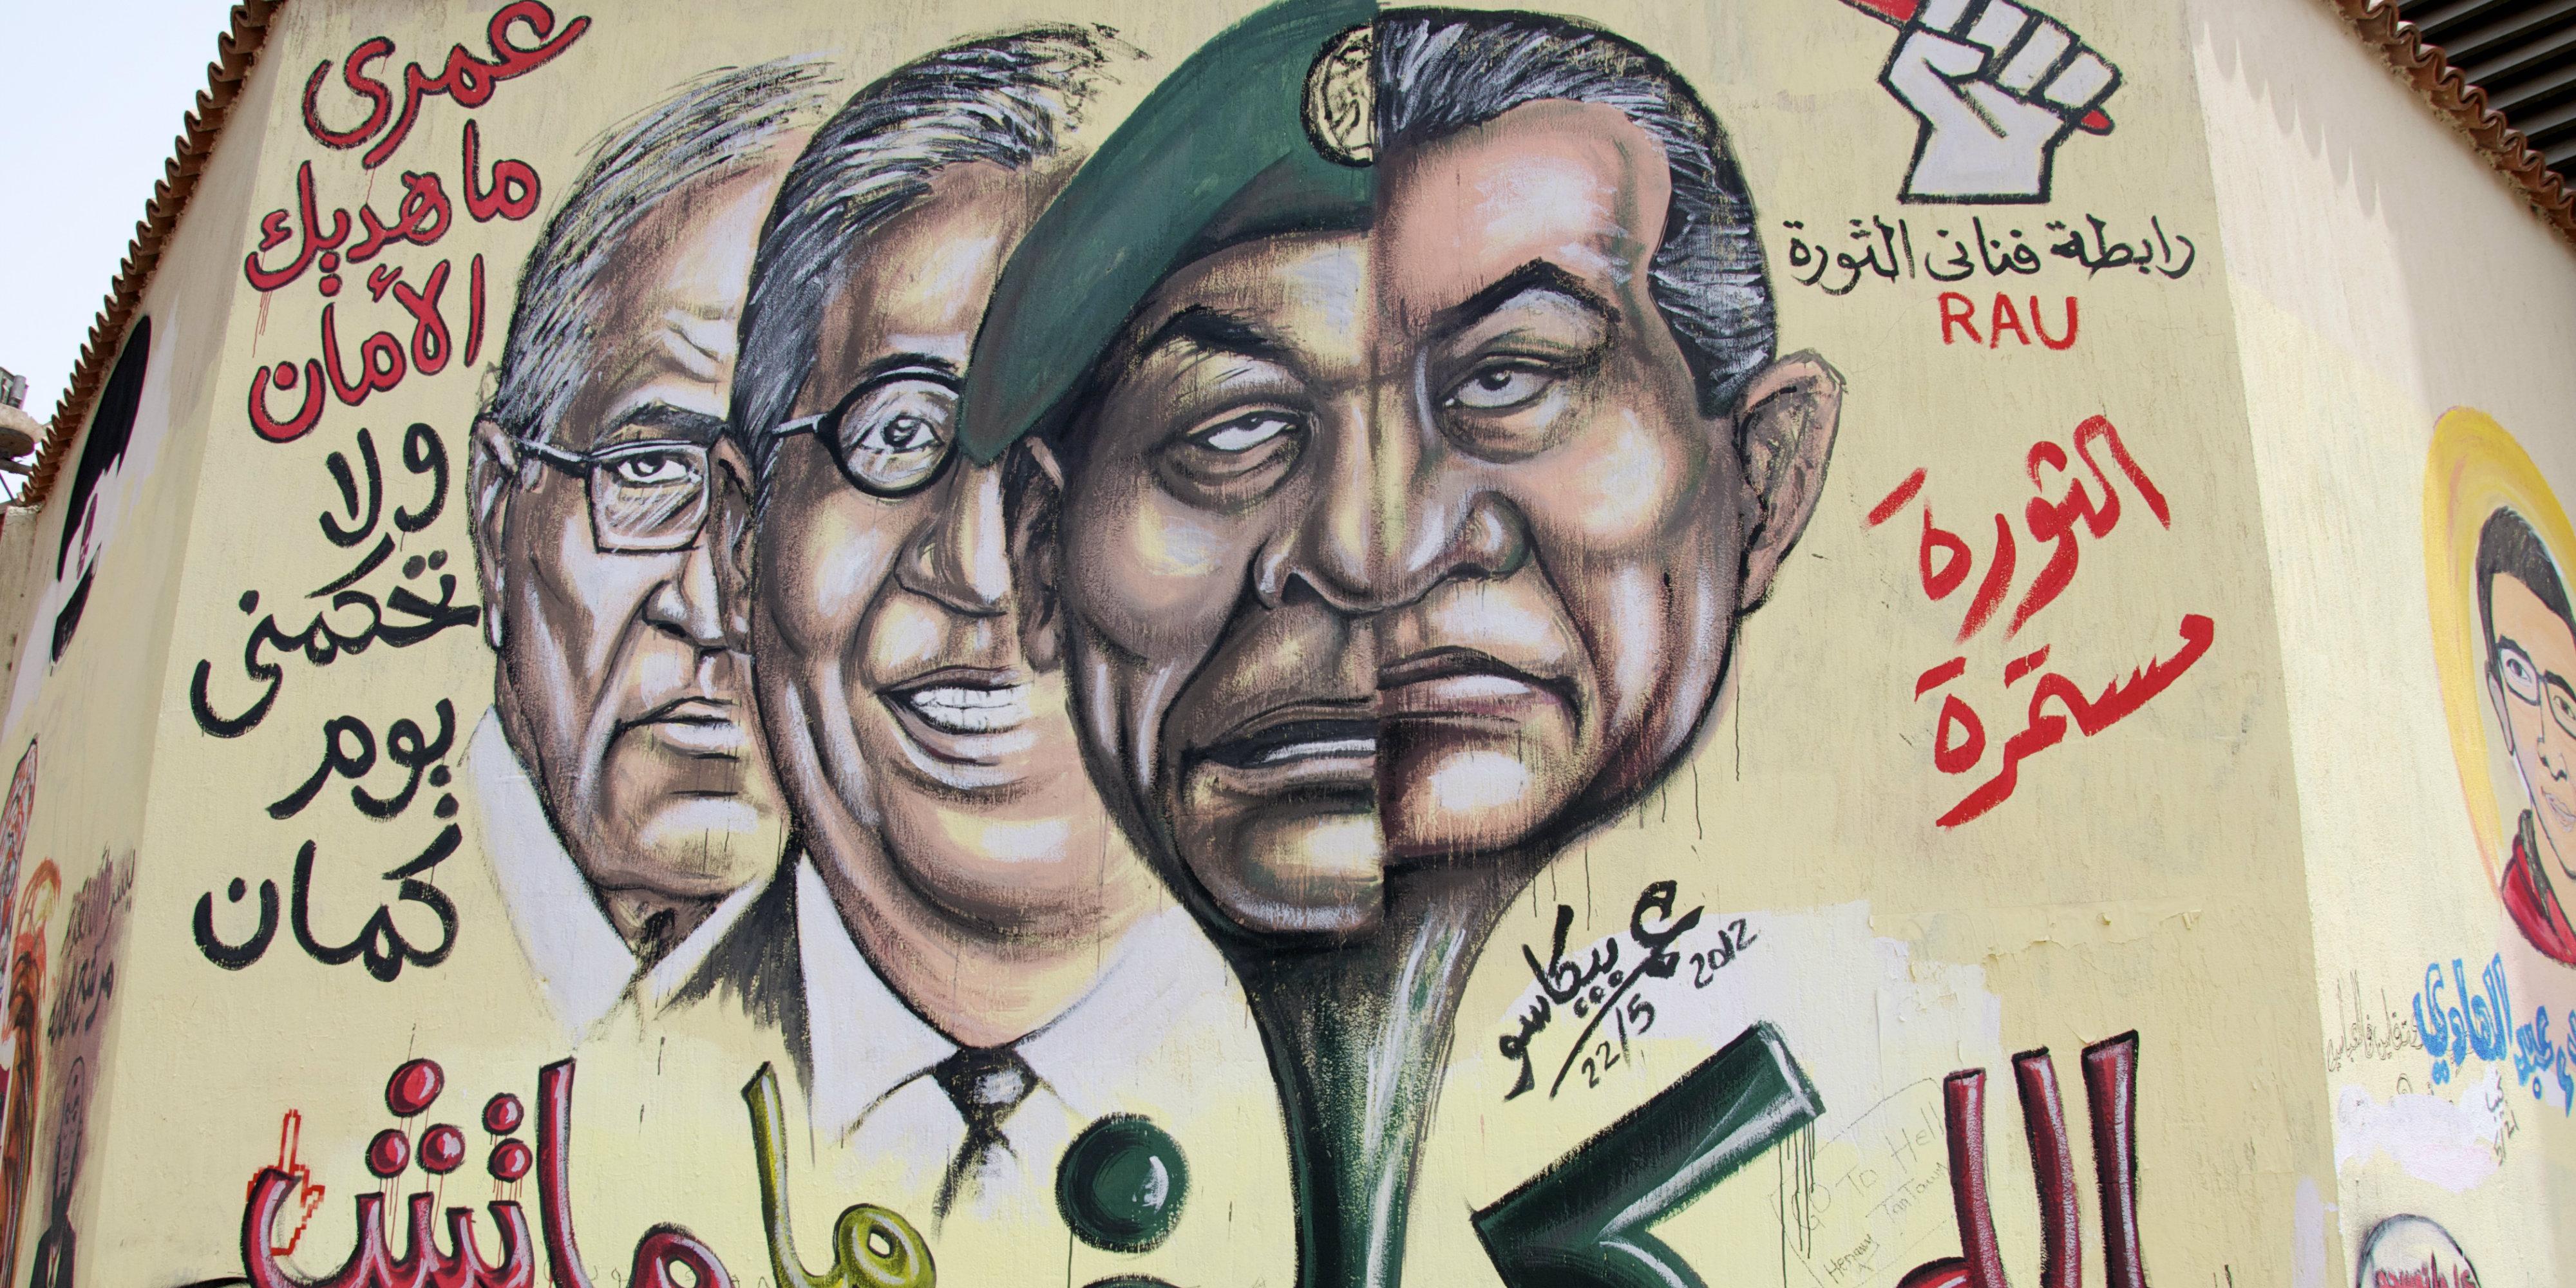 Expresident Hosni Mubarak, SCAFs överbefälhavare Muhammed Hussein Tantawi, presidentkandidaterna/exministrarna Amr Moussa och Ahmad Shafiq. Alla är samma. Foto: Helena Hägglund